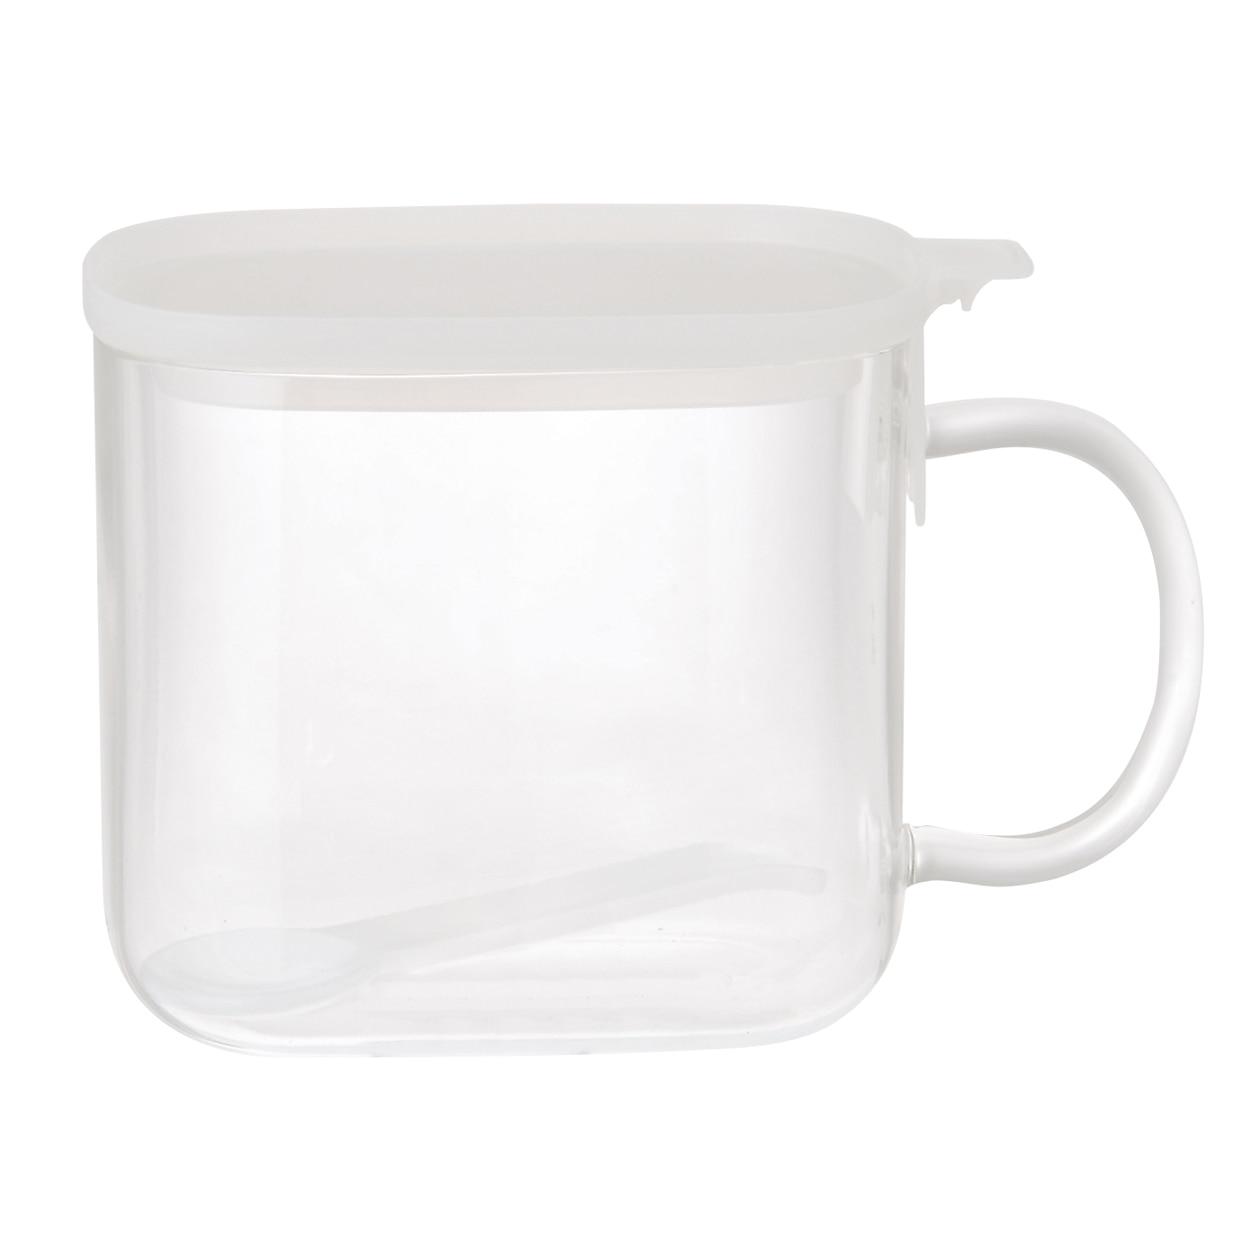 耐熱ガラス調味料保存容器・スプーン付